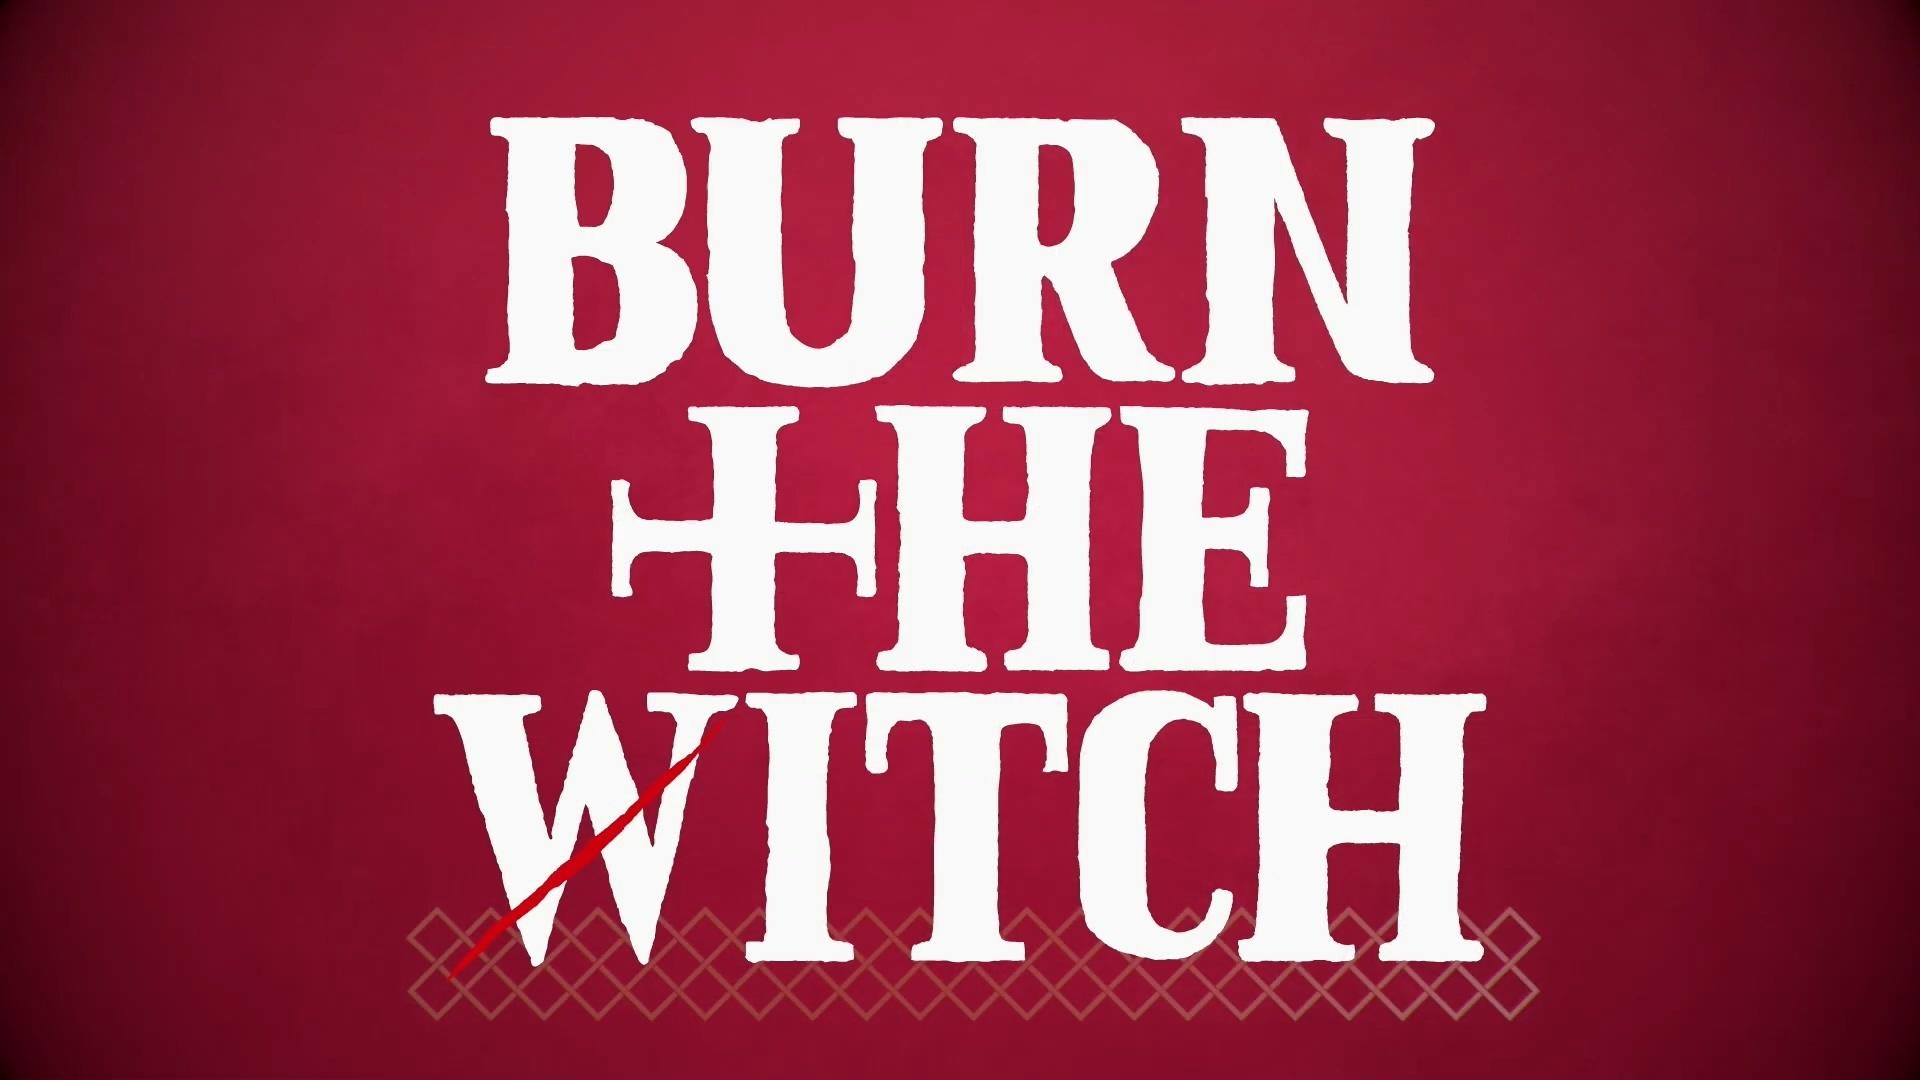 久保带人新作剧场版动画「Burn the Witch」第2弹PV公开,10月2日上映